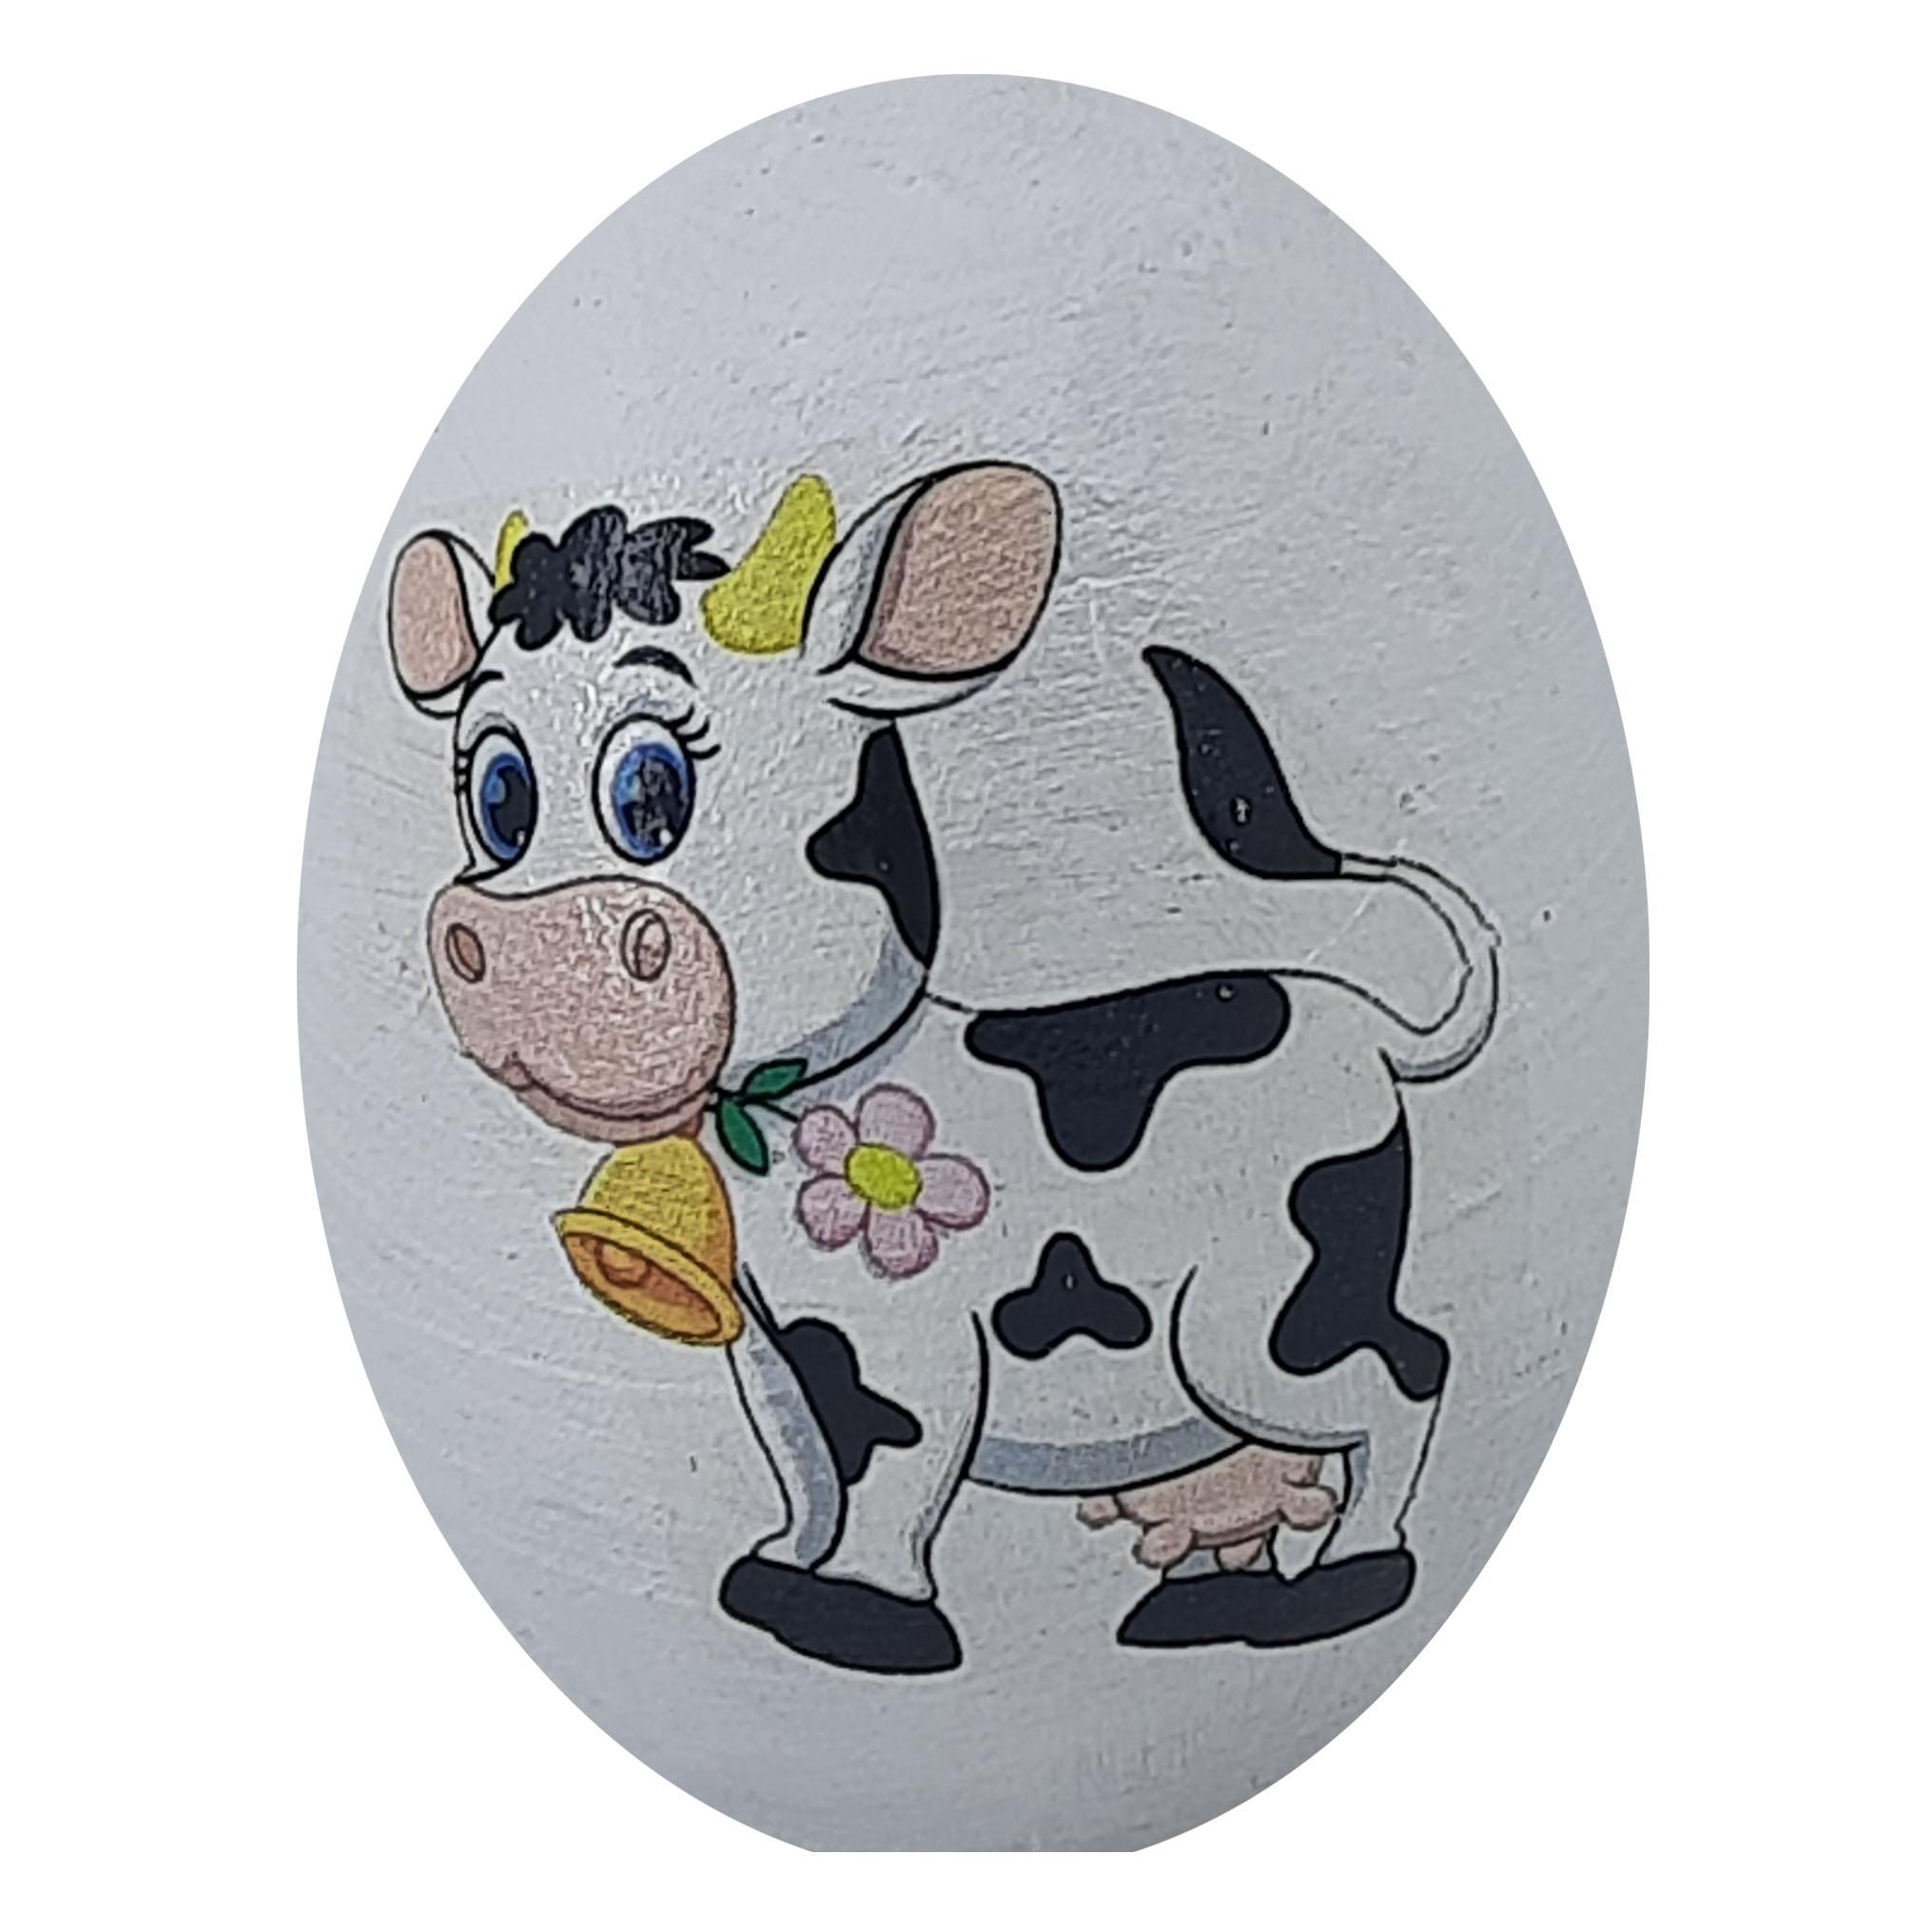 تخم مرغ تزیینی طرح گاو مدل ch3